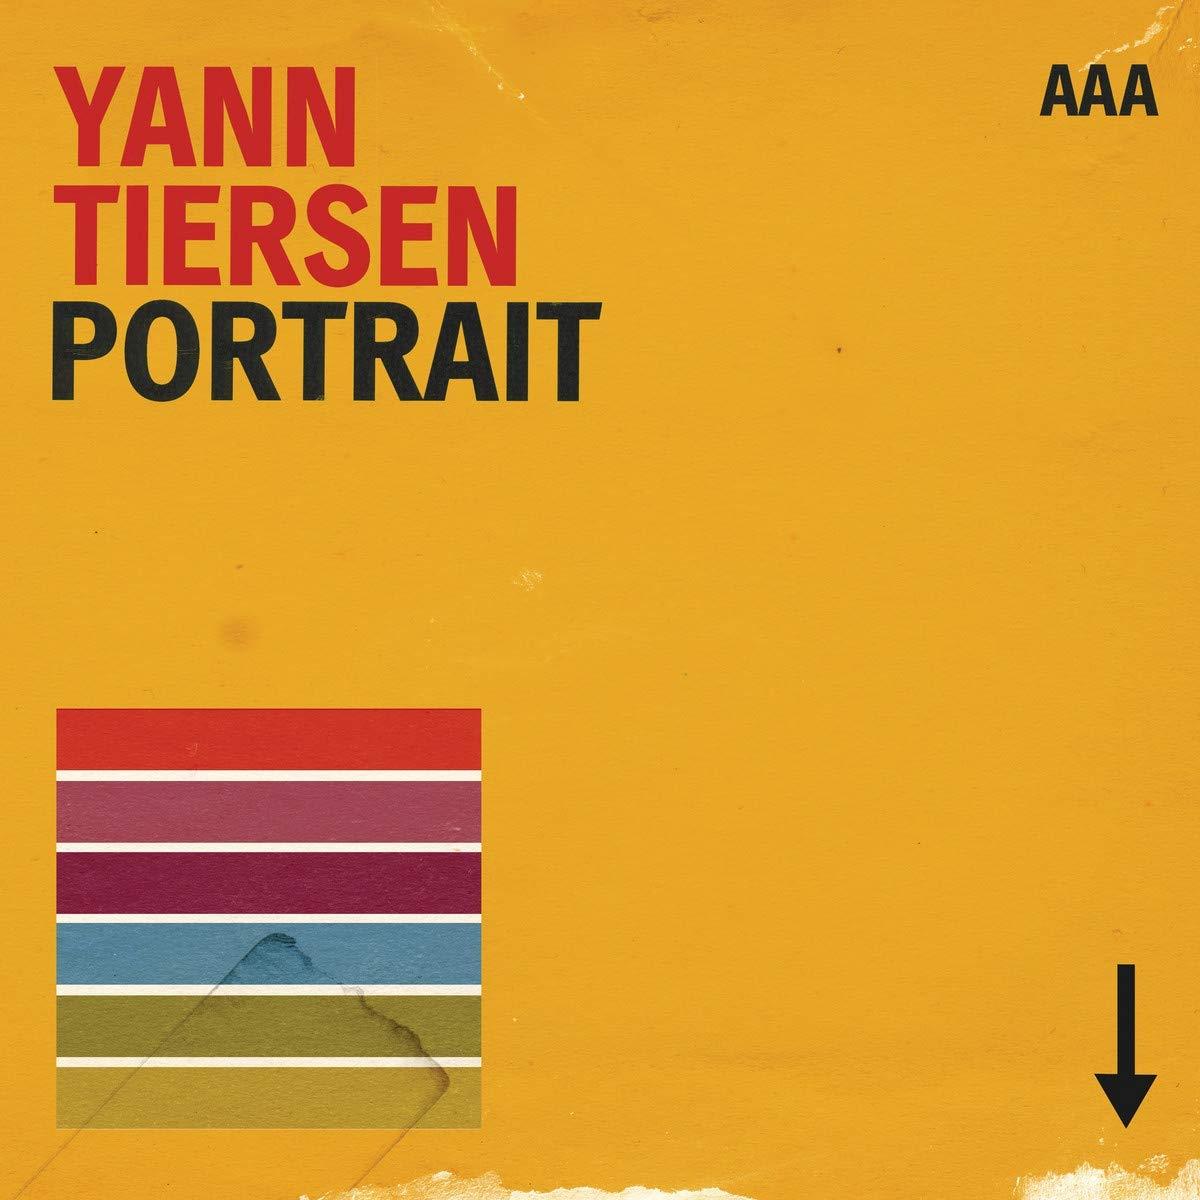 Portrait - Yann Tiersen